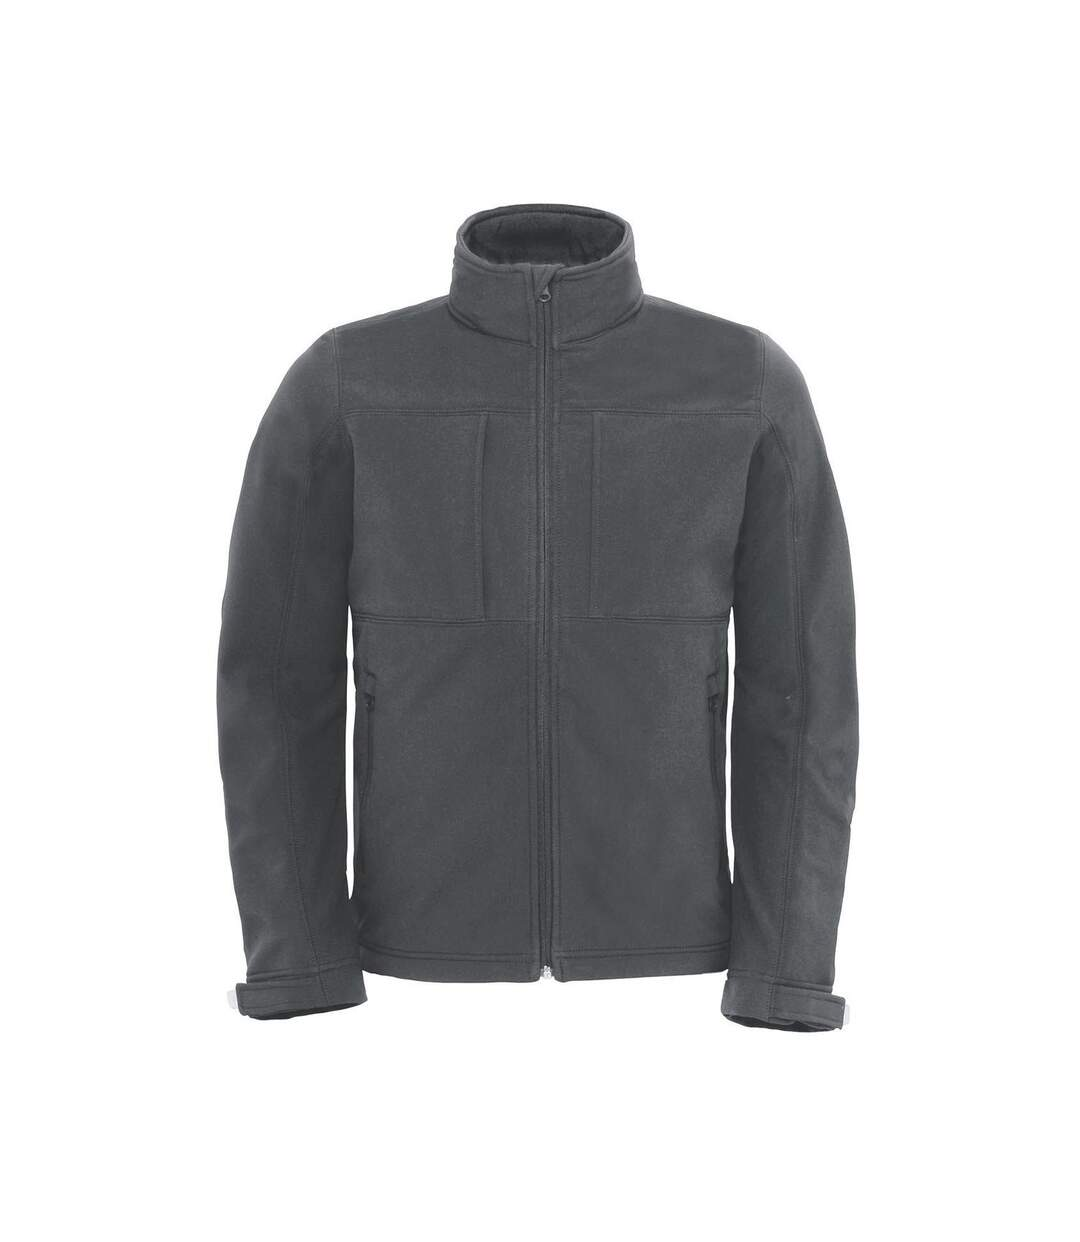 Veste softshell à capuche - hautes performances - JM950 - Gris - Homme